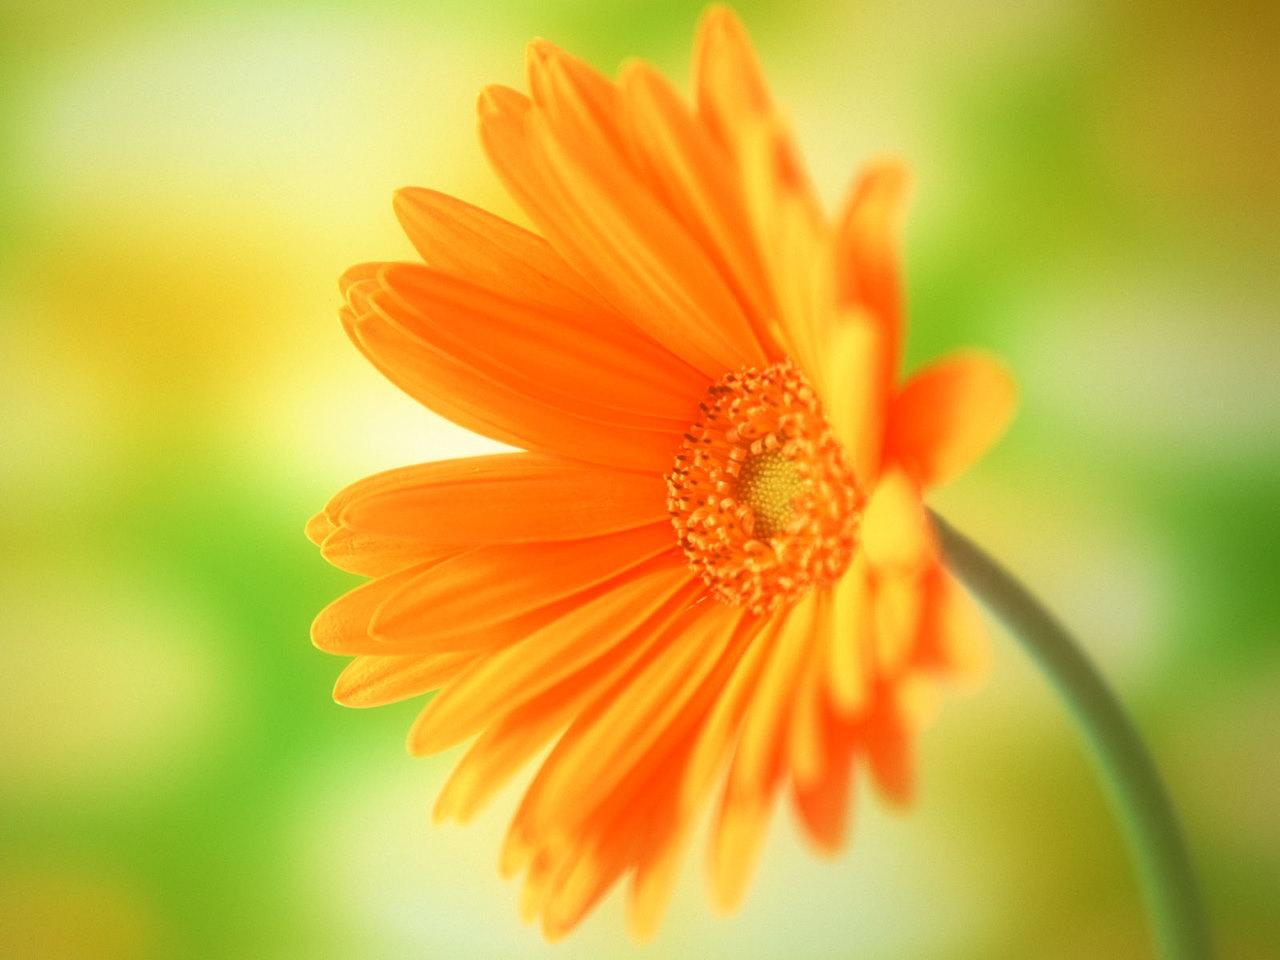 http://2.bp.blogspot.com/-zawHD_wDGFo/T7CNO8IipFI/AAAAAAAAAJo/ct6JqfeVWJU/s1600/Yellow-Daisy-Flower-Desktop-Wallpaper.jpg